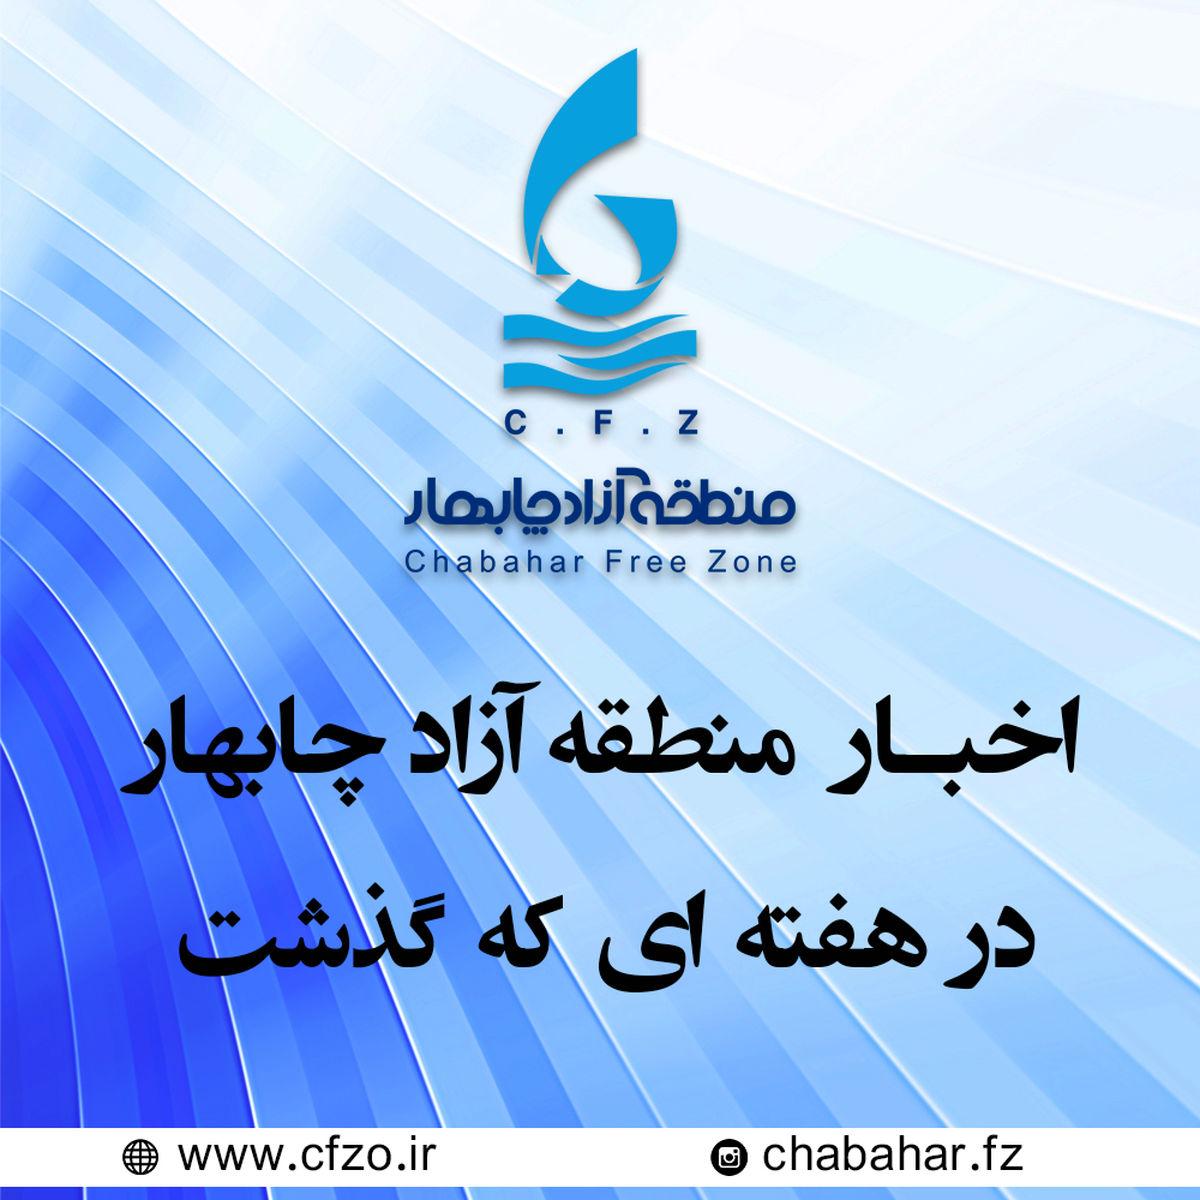 اخبار مهم منطقه آزاد چابهار در هفته ای که گذشت